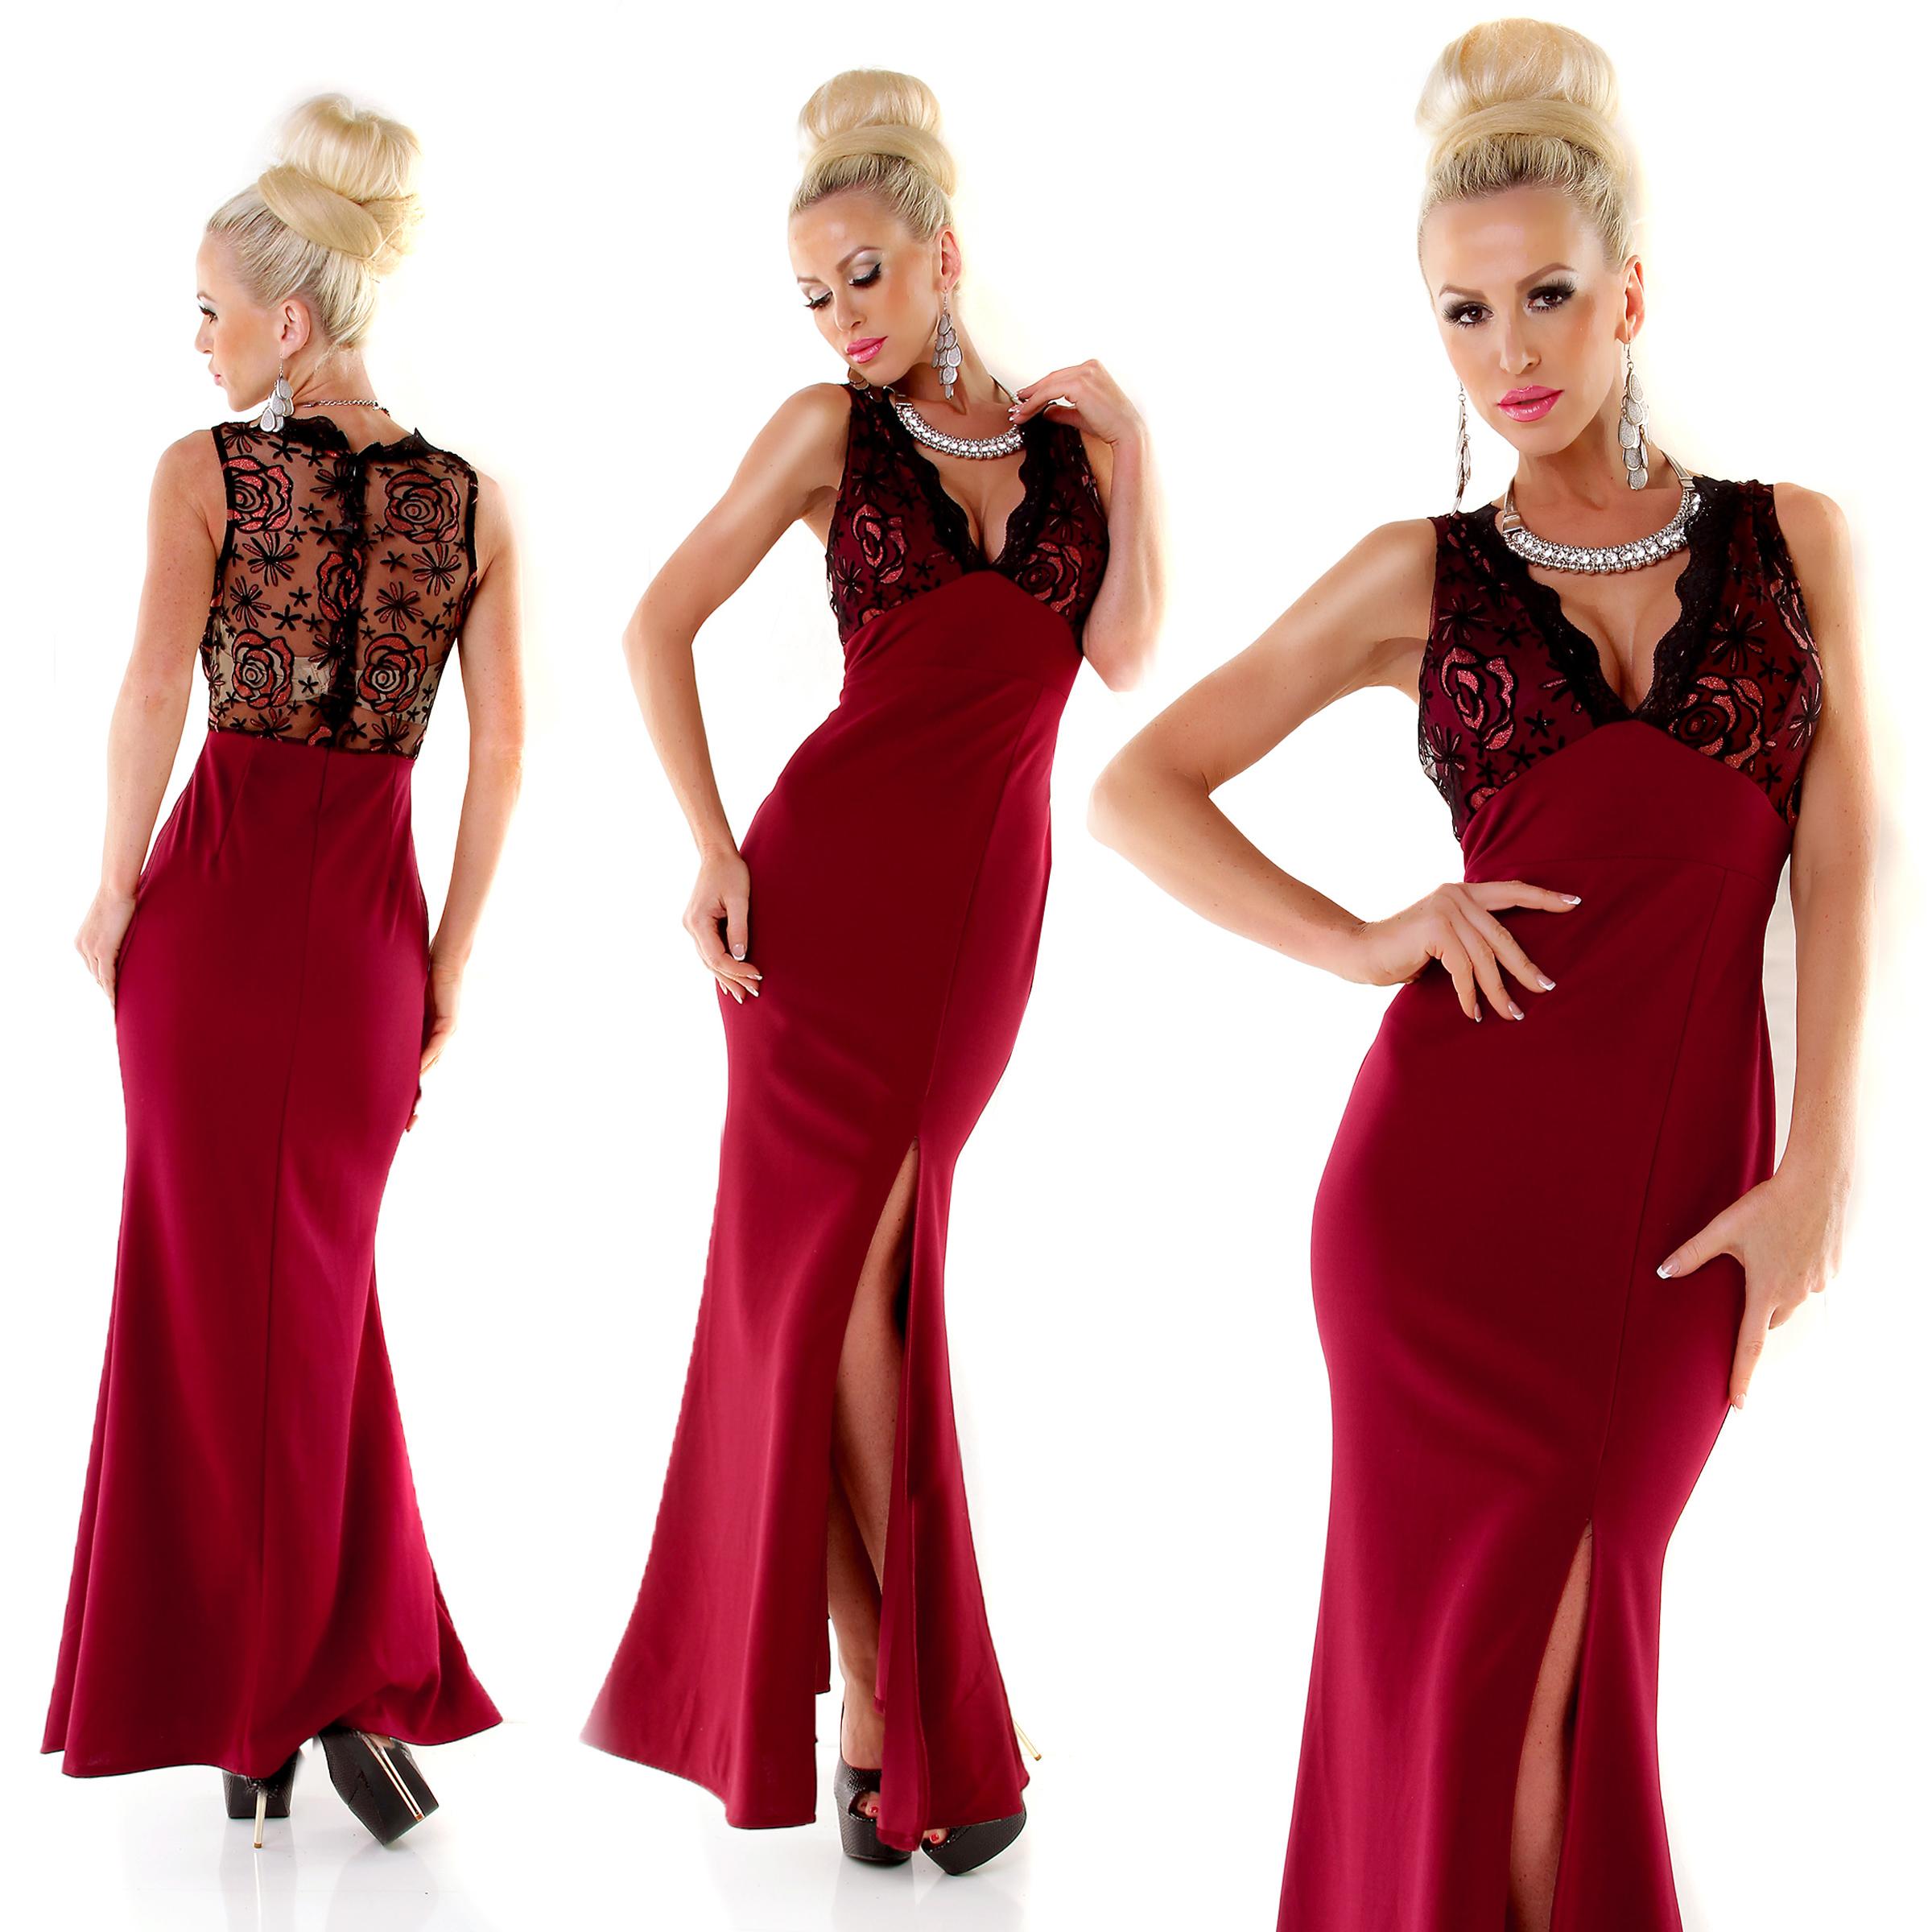 Trendstylez - Edles Cocktail-Kleid mit V-Ausschnitt